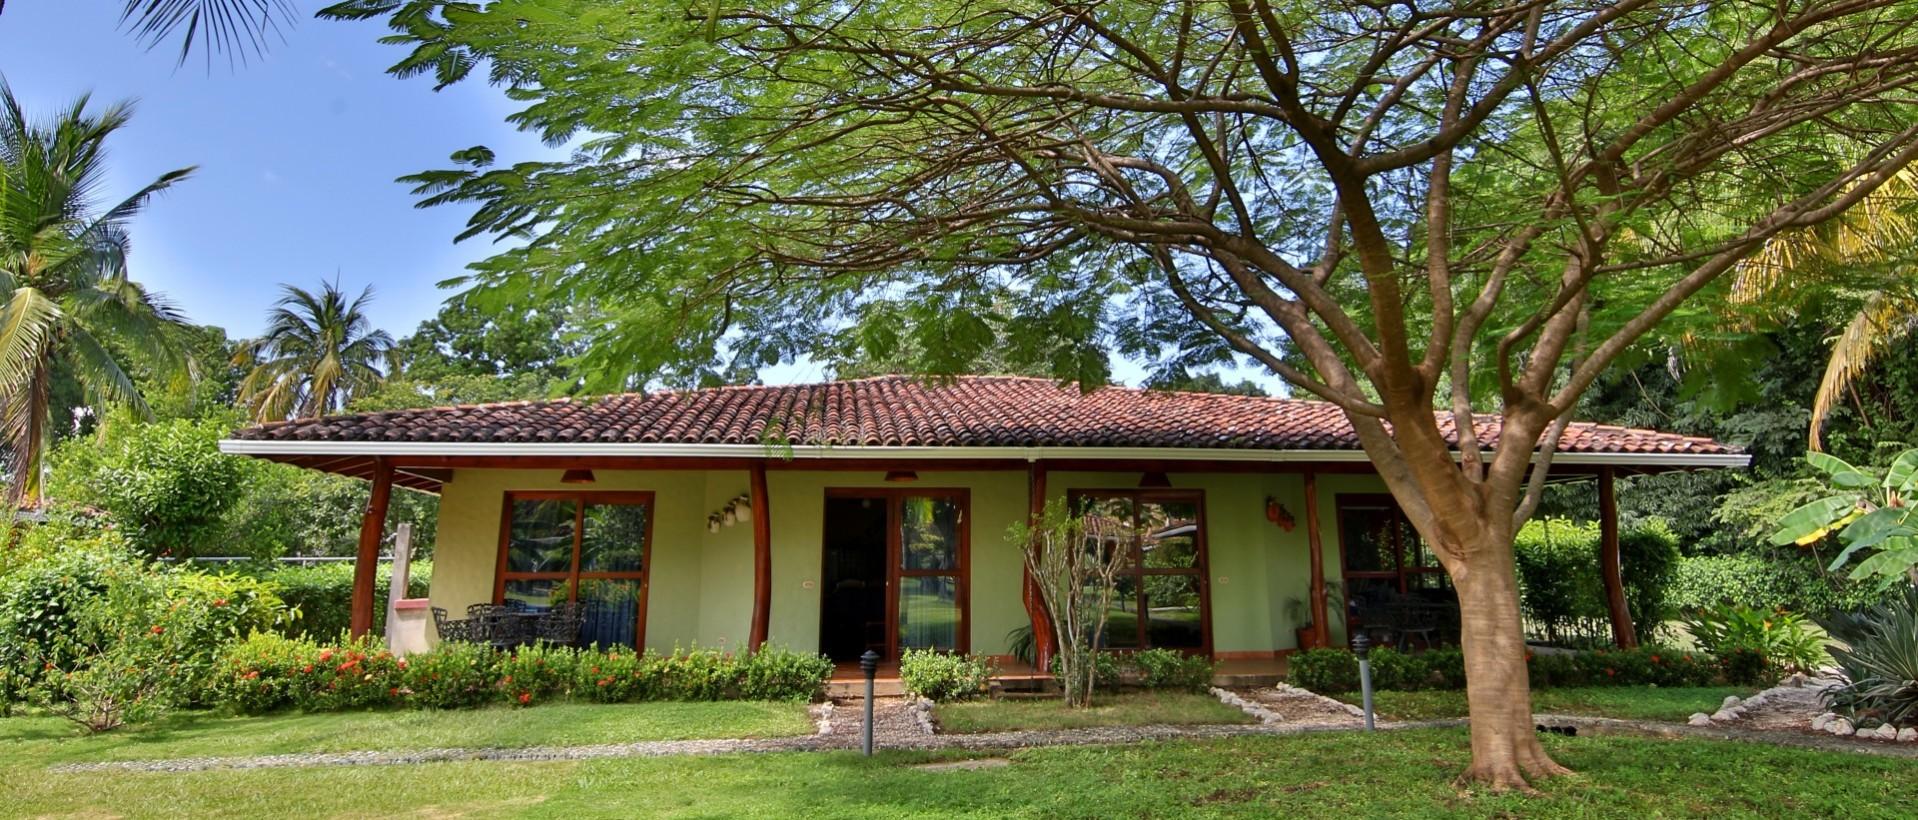 Hotel Baha Esmeralda